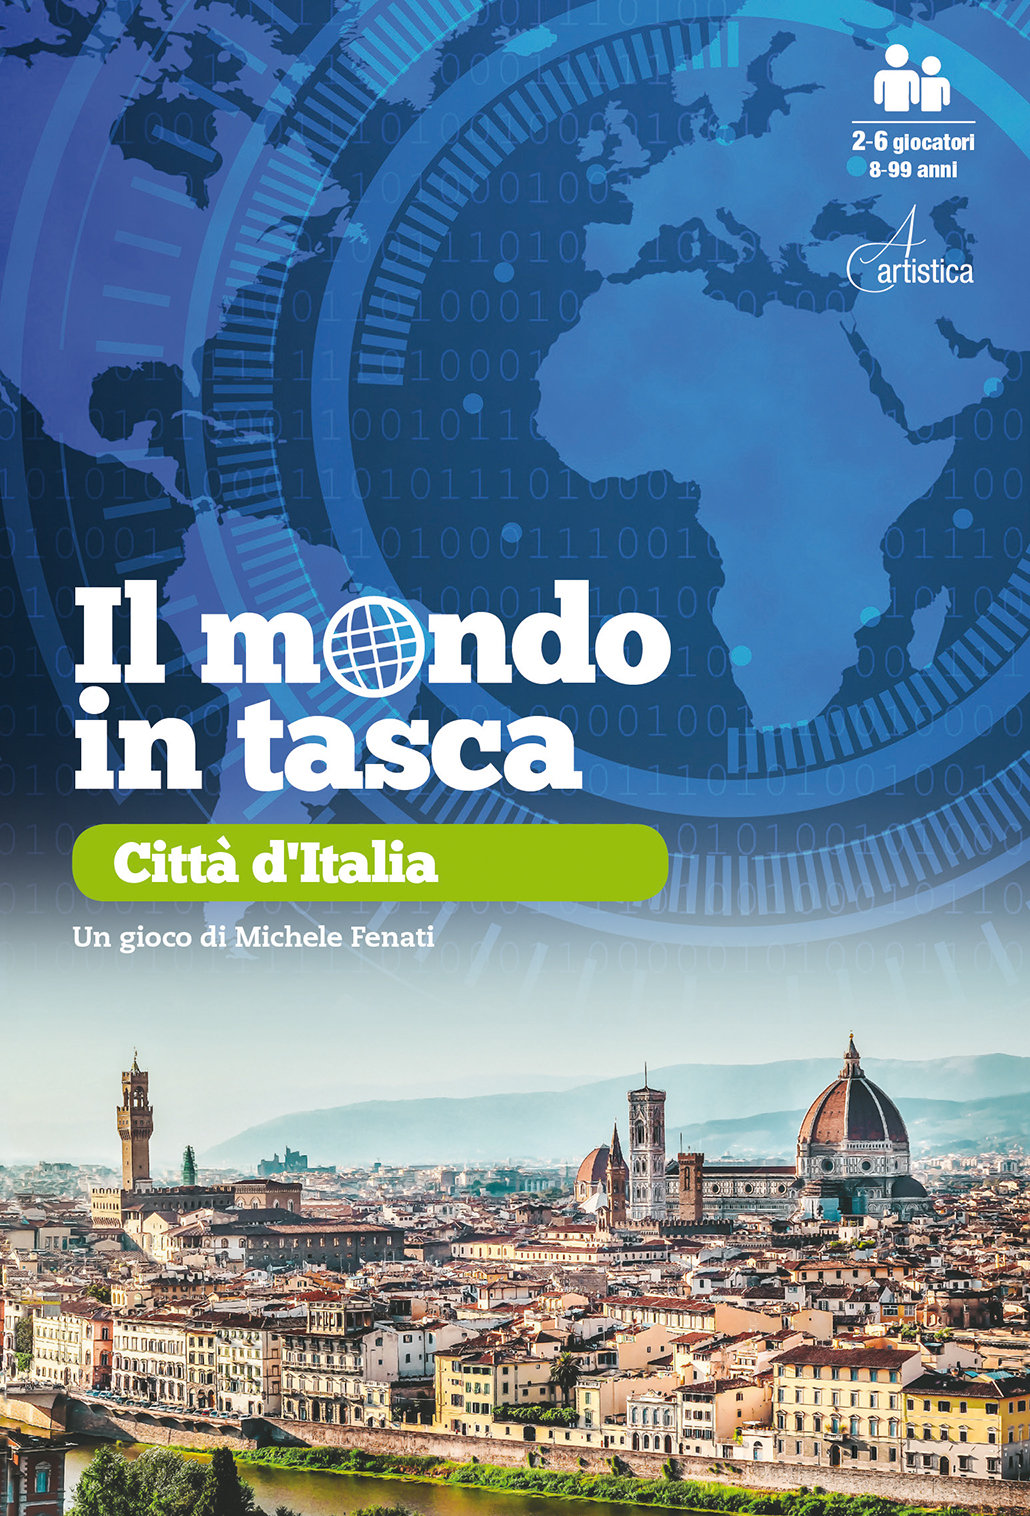 IL MONDO IN TASCA - CITTà D'ITALIA